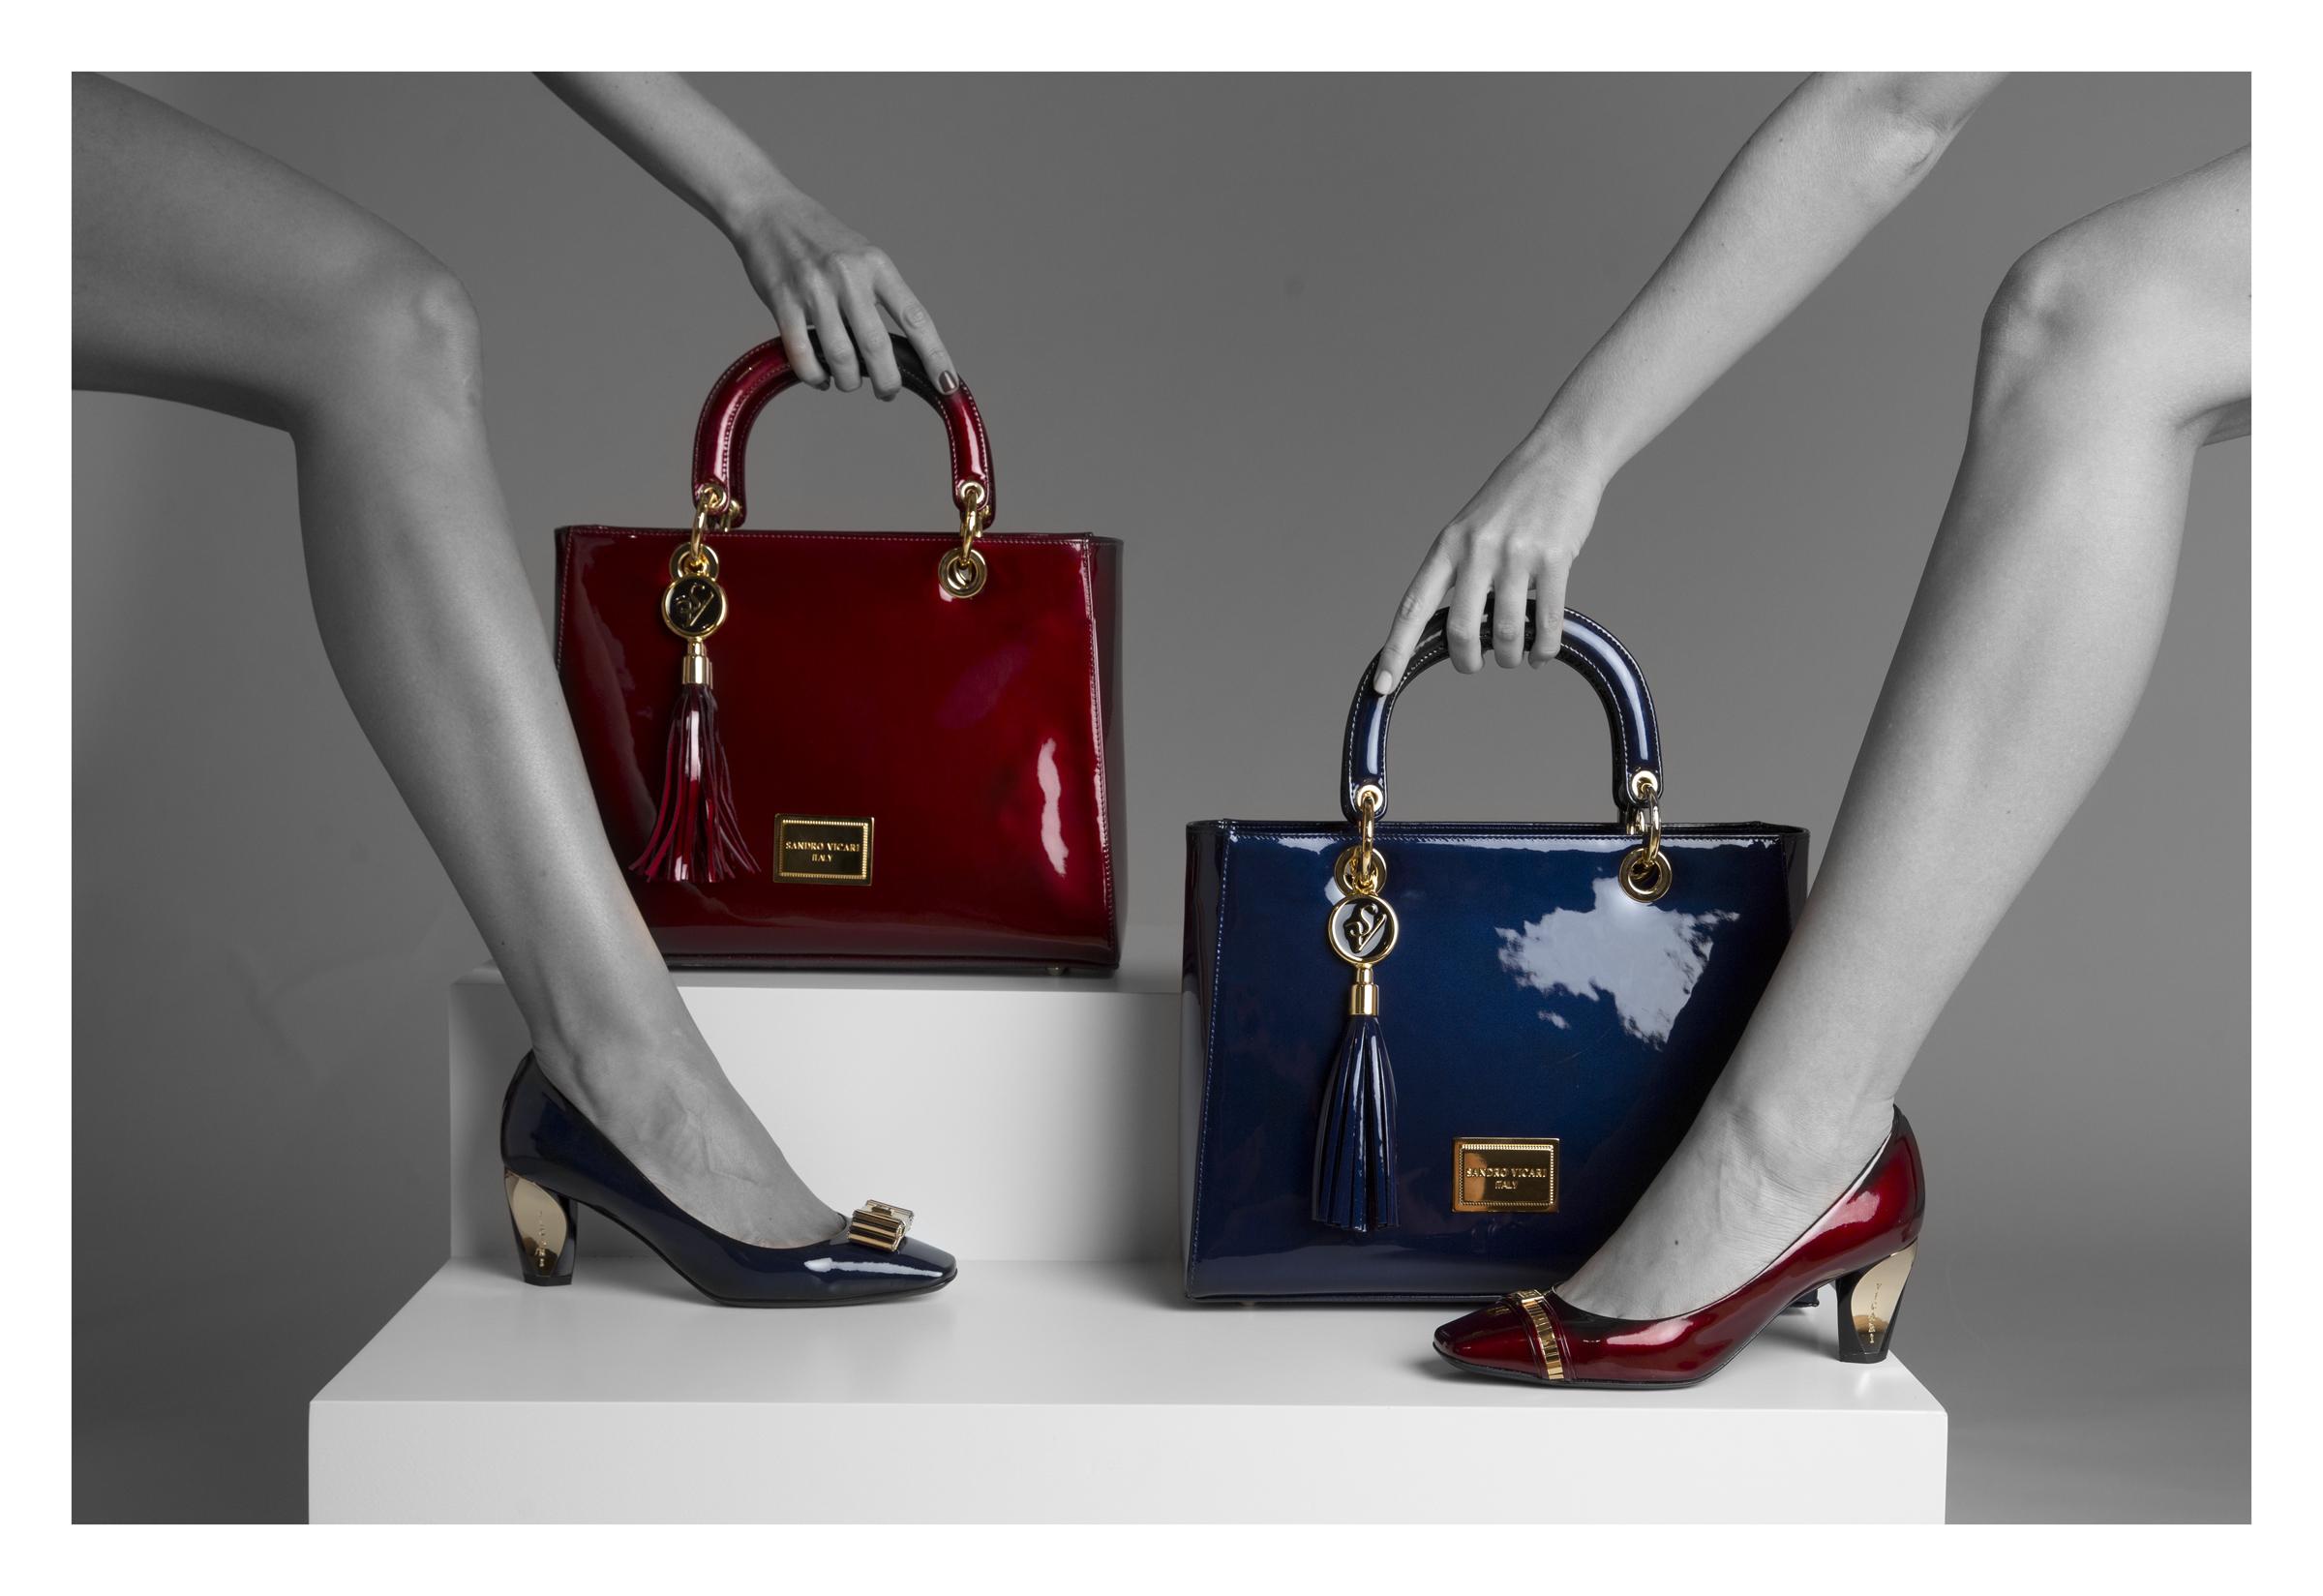 Вкус моды: винная дегустация и презентация новой коллекции от Lafayette Italy